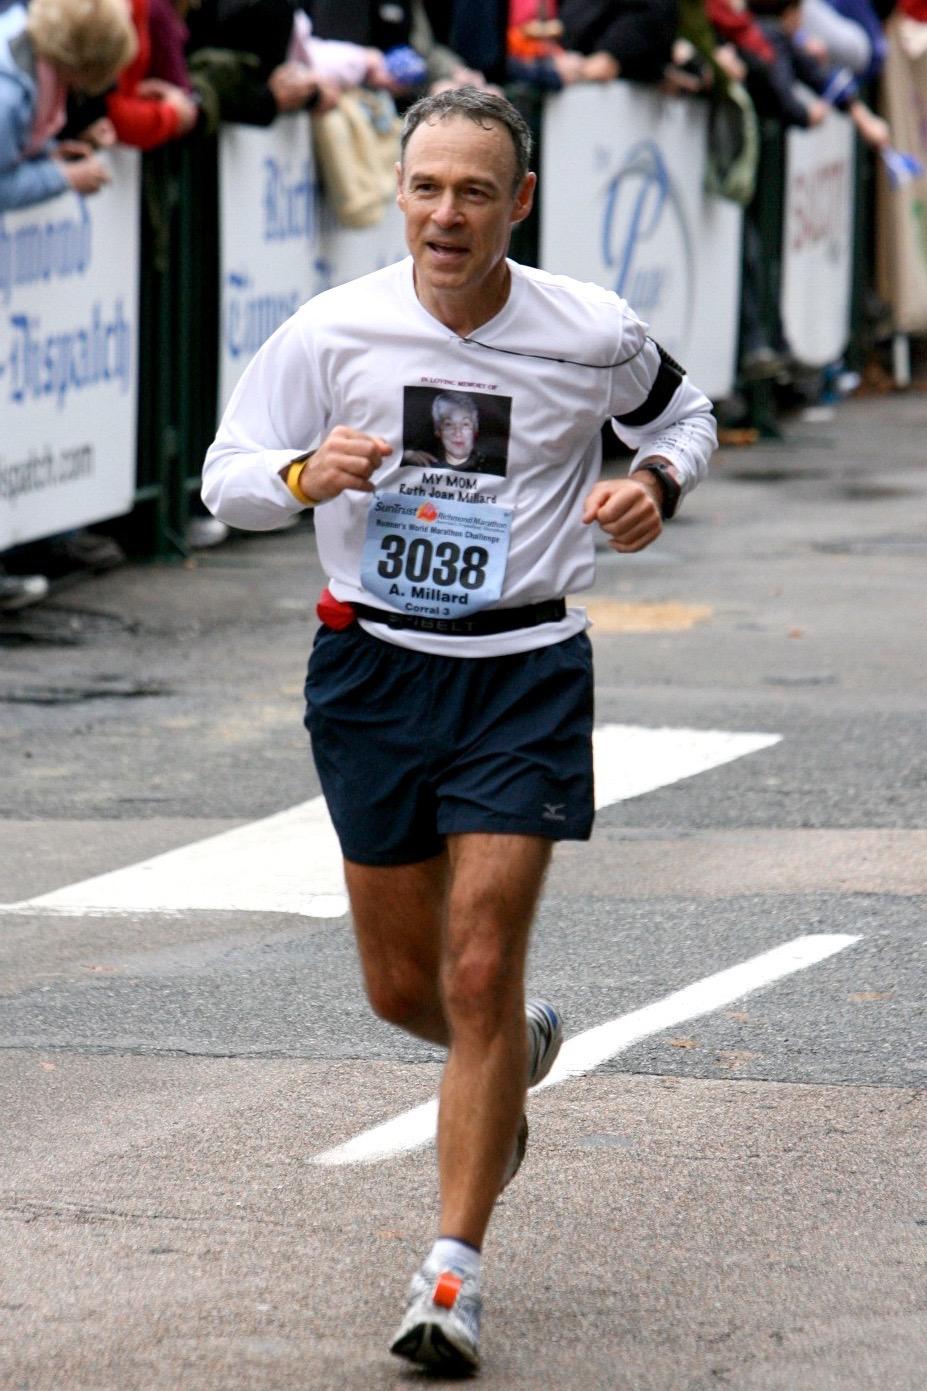 Andy_first_marathon.jpg